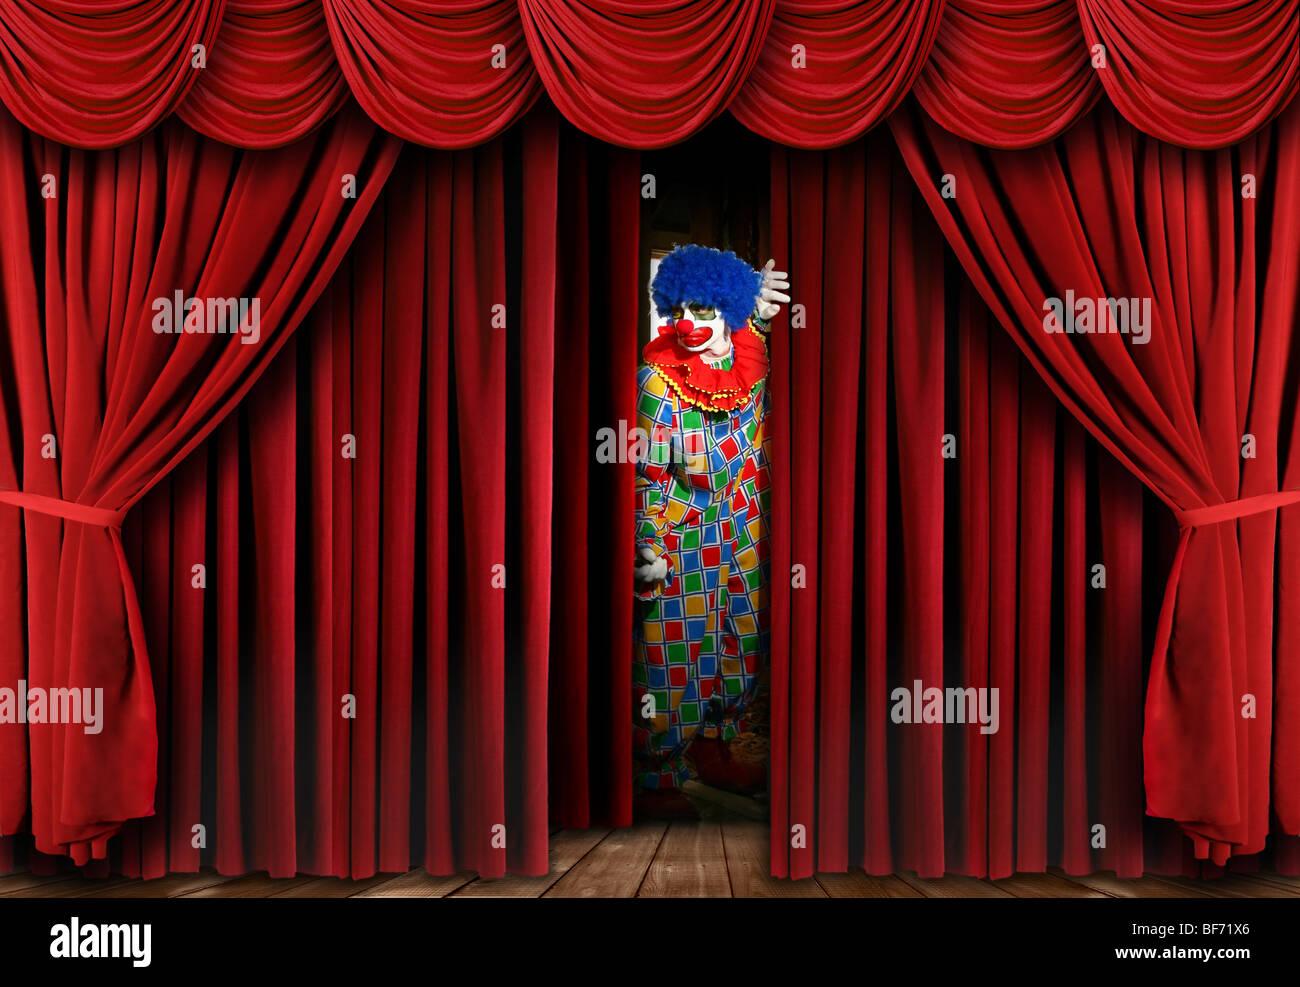 Lugubre Creepy Clown guardando attraverso il sipario di un palcoscenico oscuranti Immagini Stock